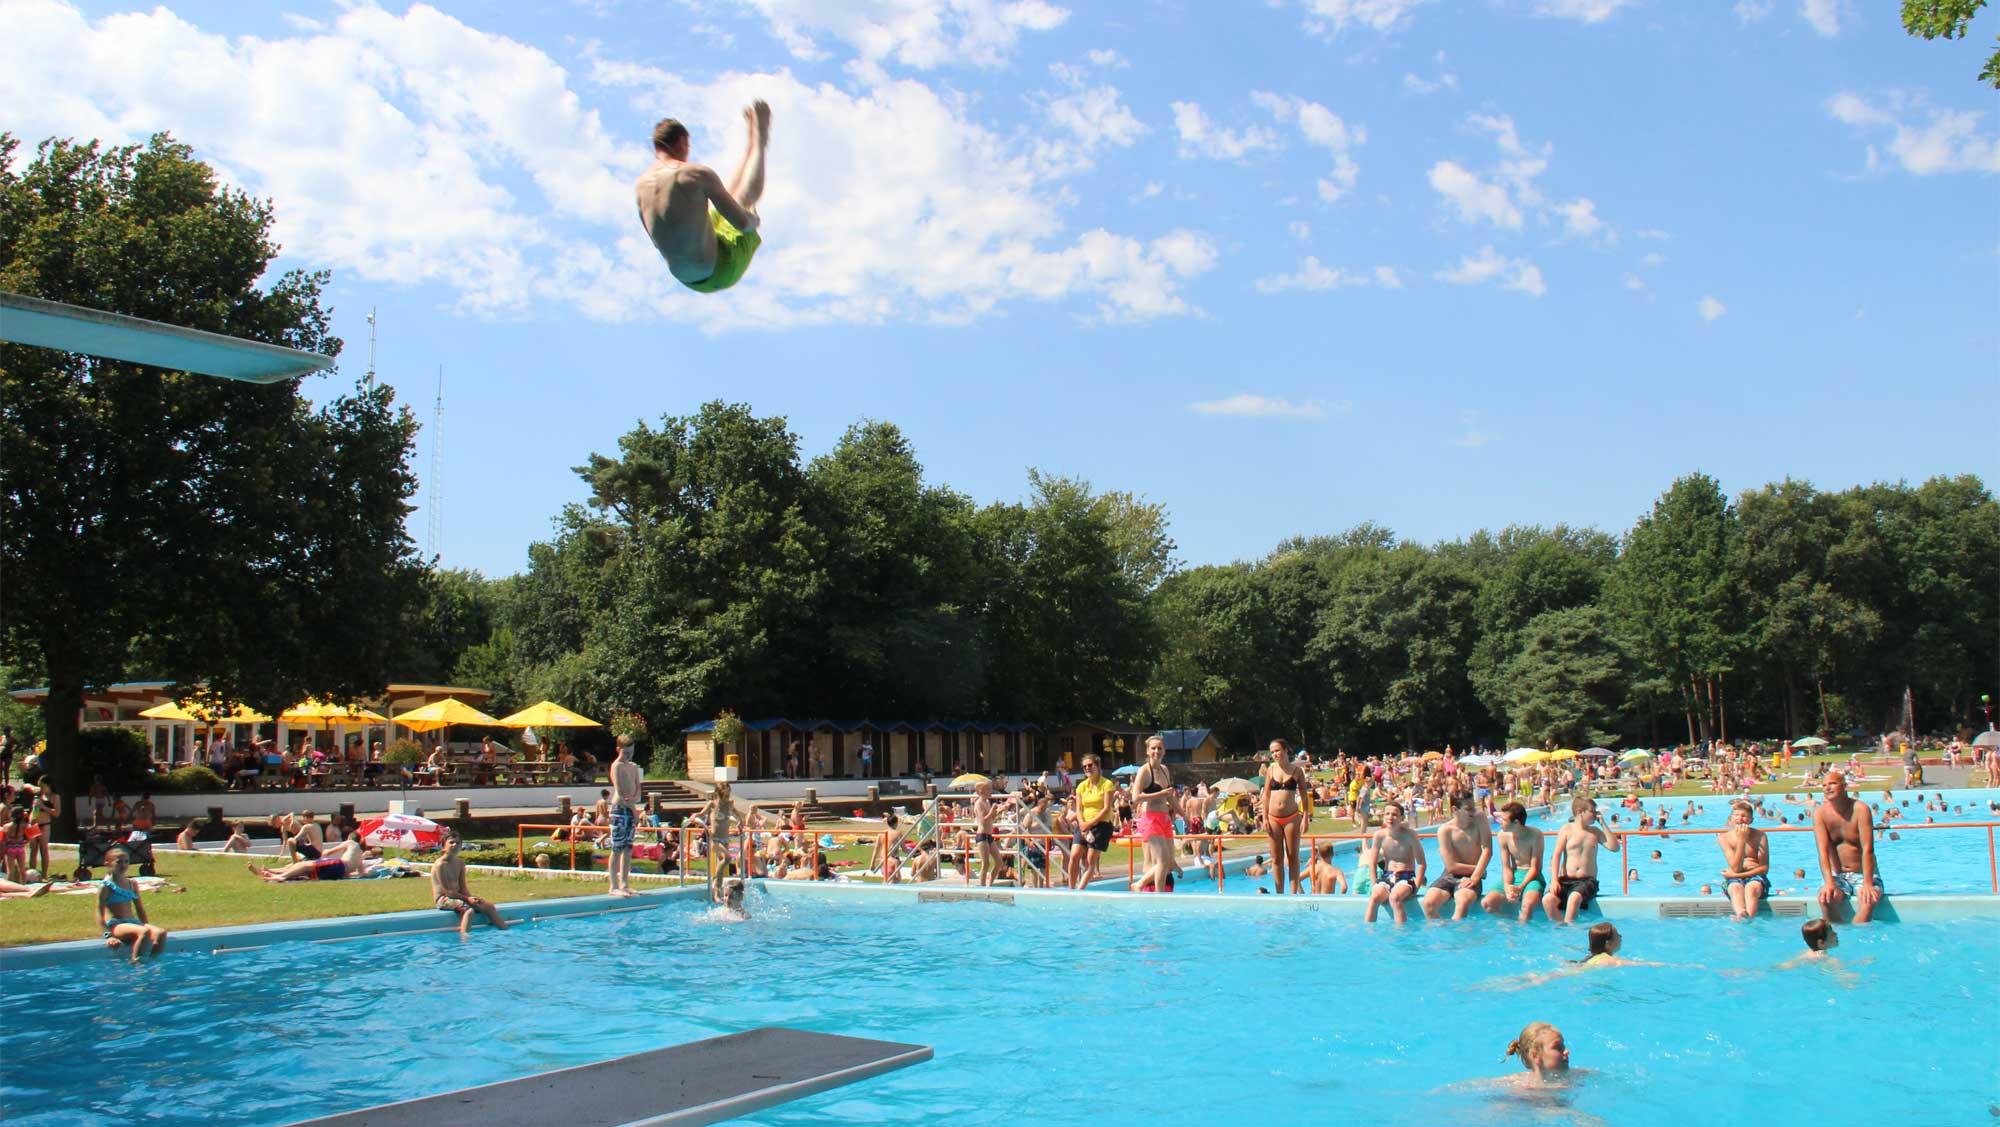 Molecaten Park Bosbad Hoeven 02 Waterspeelpark Splesj